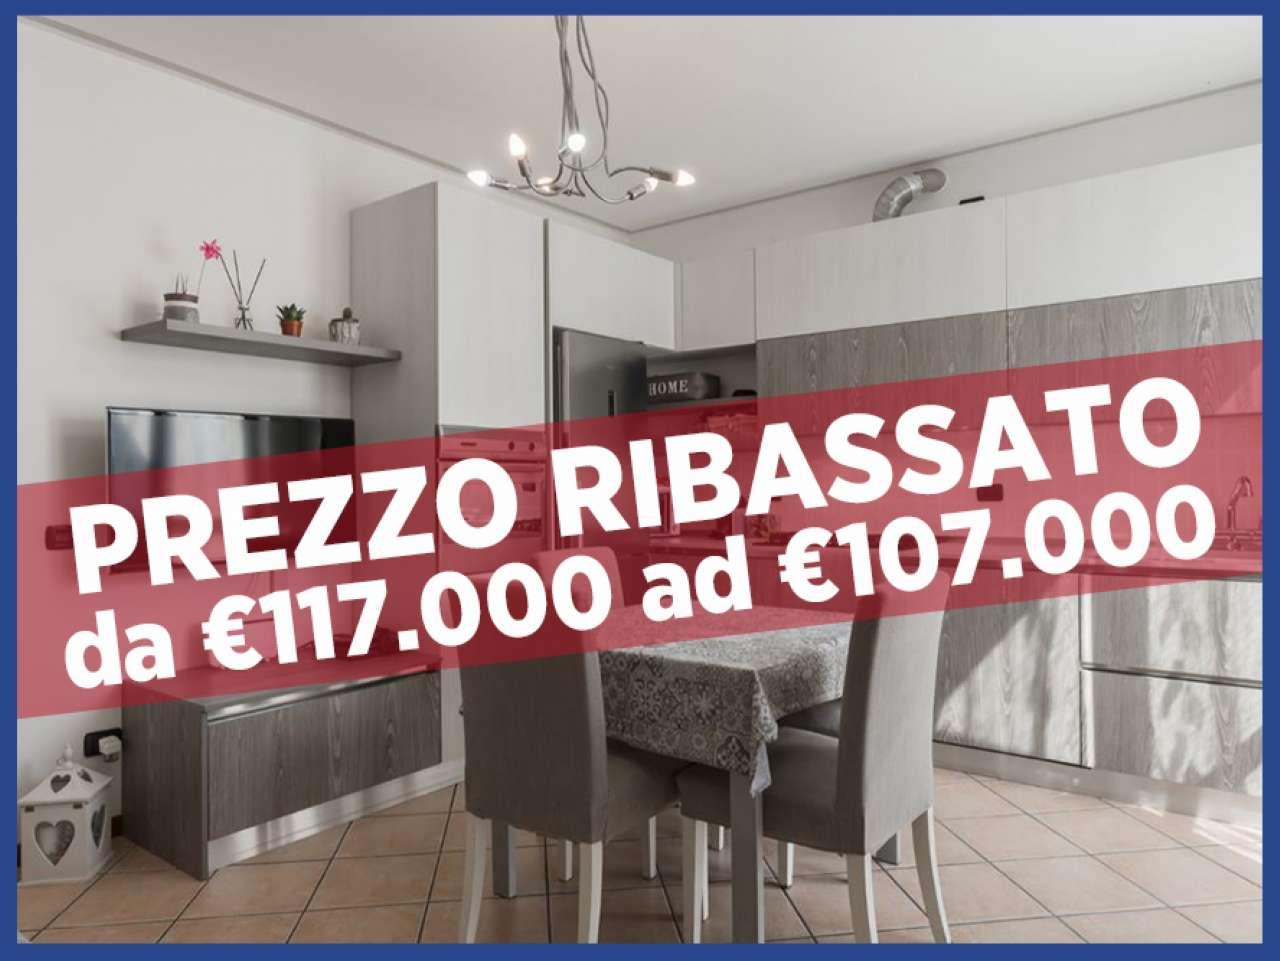 Appartamento in vendita a Boltiere, 3 locali, prezzo € 107.000 | PortaleAgenzieImmobiliari.it